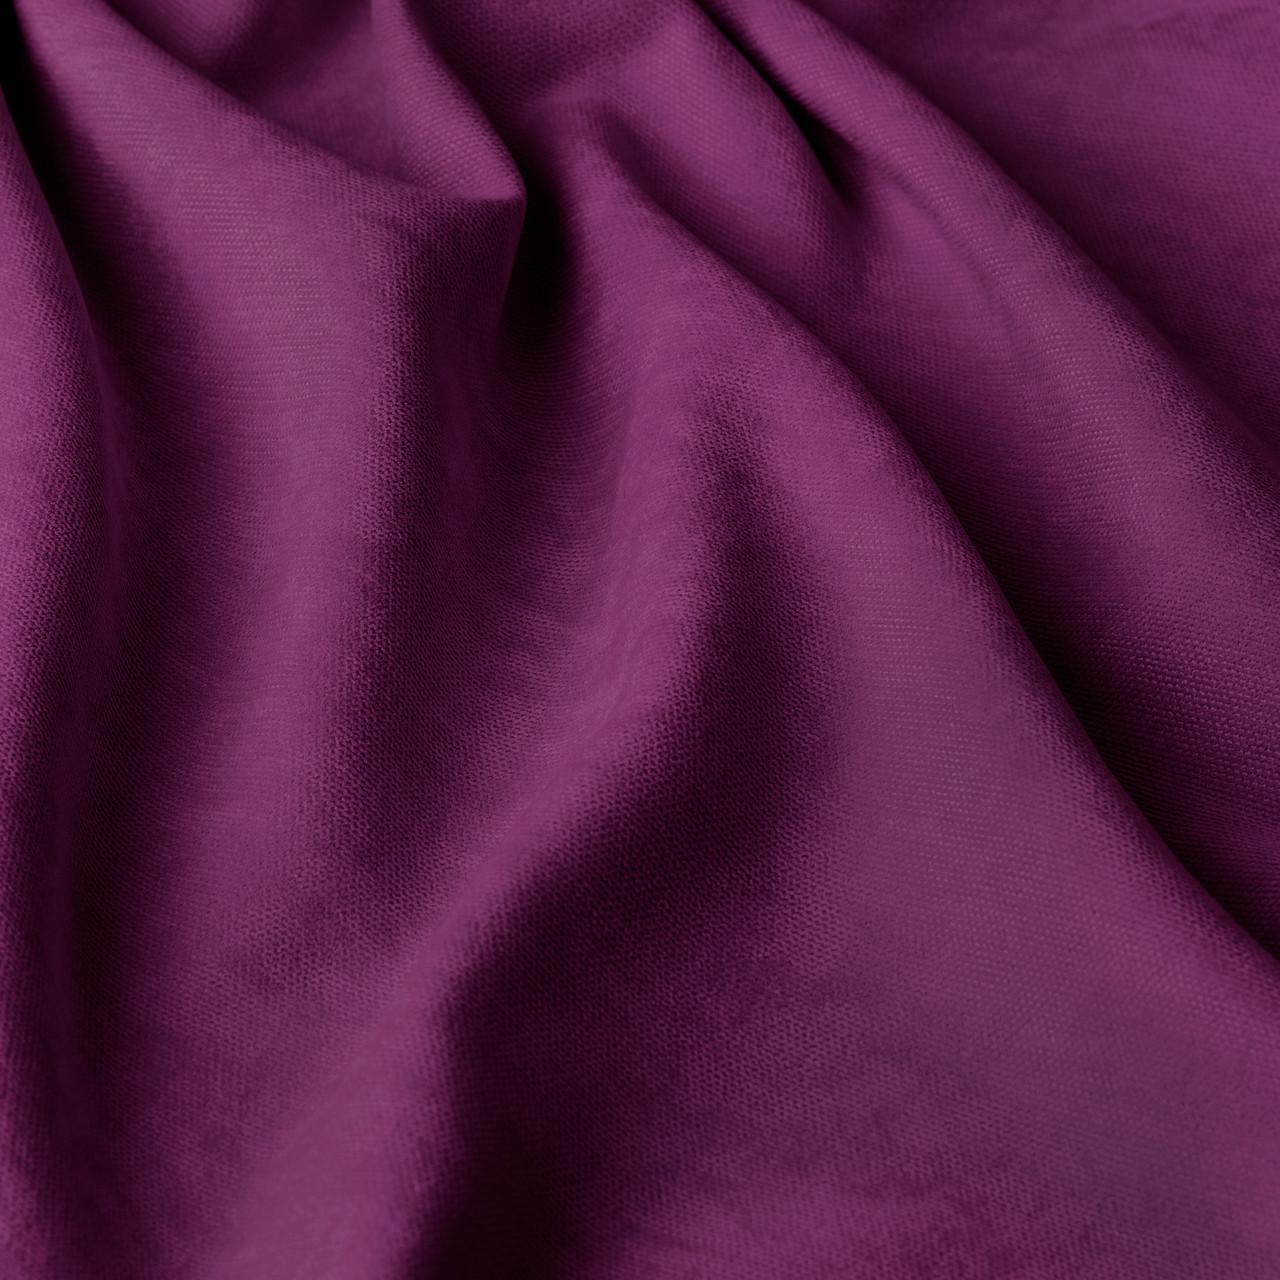 Однотонна декоративна тканина велюр фіолетового кольору 84435v44